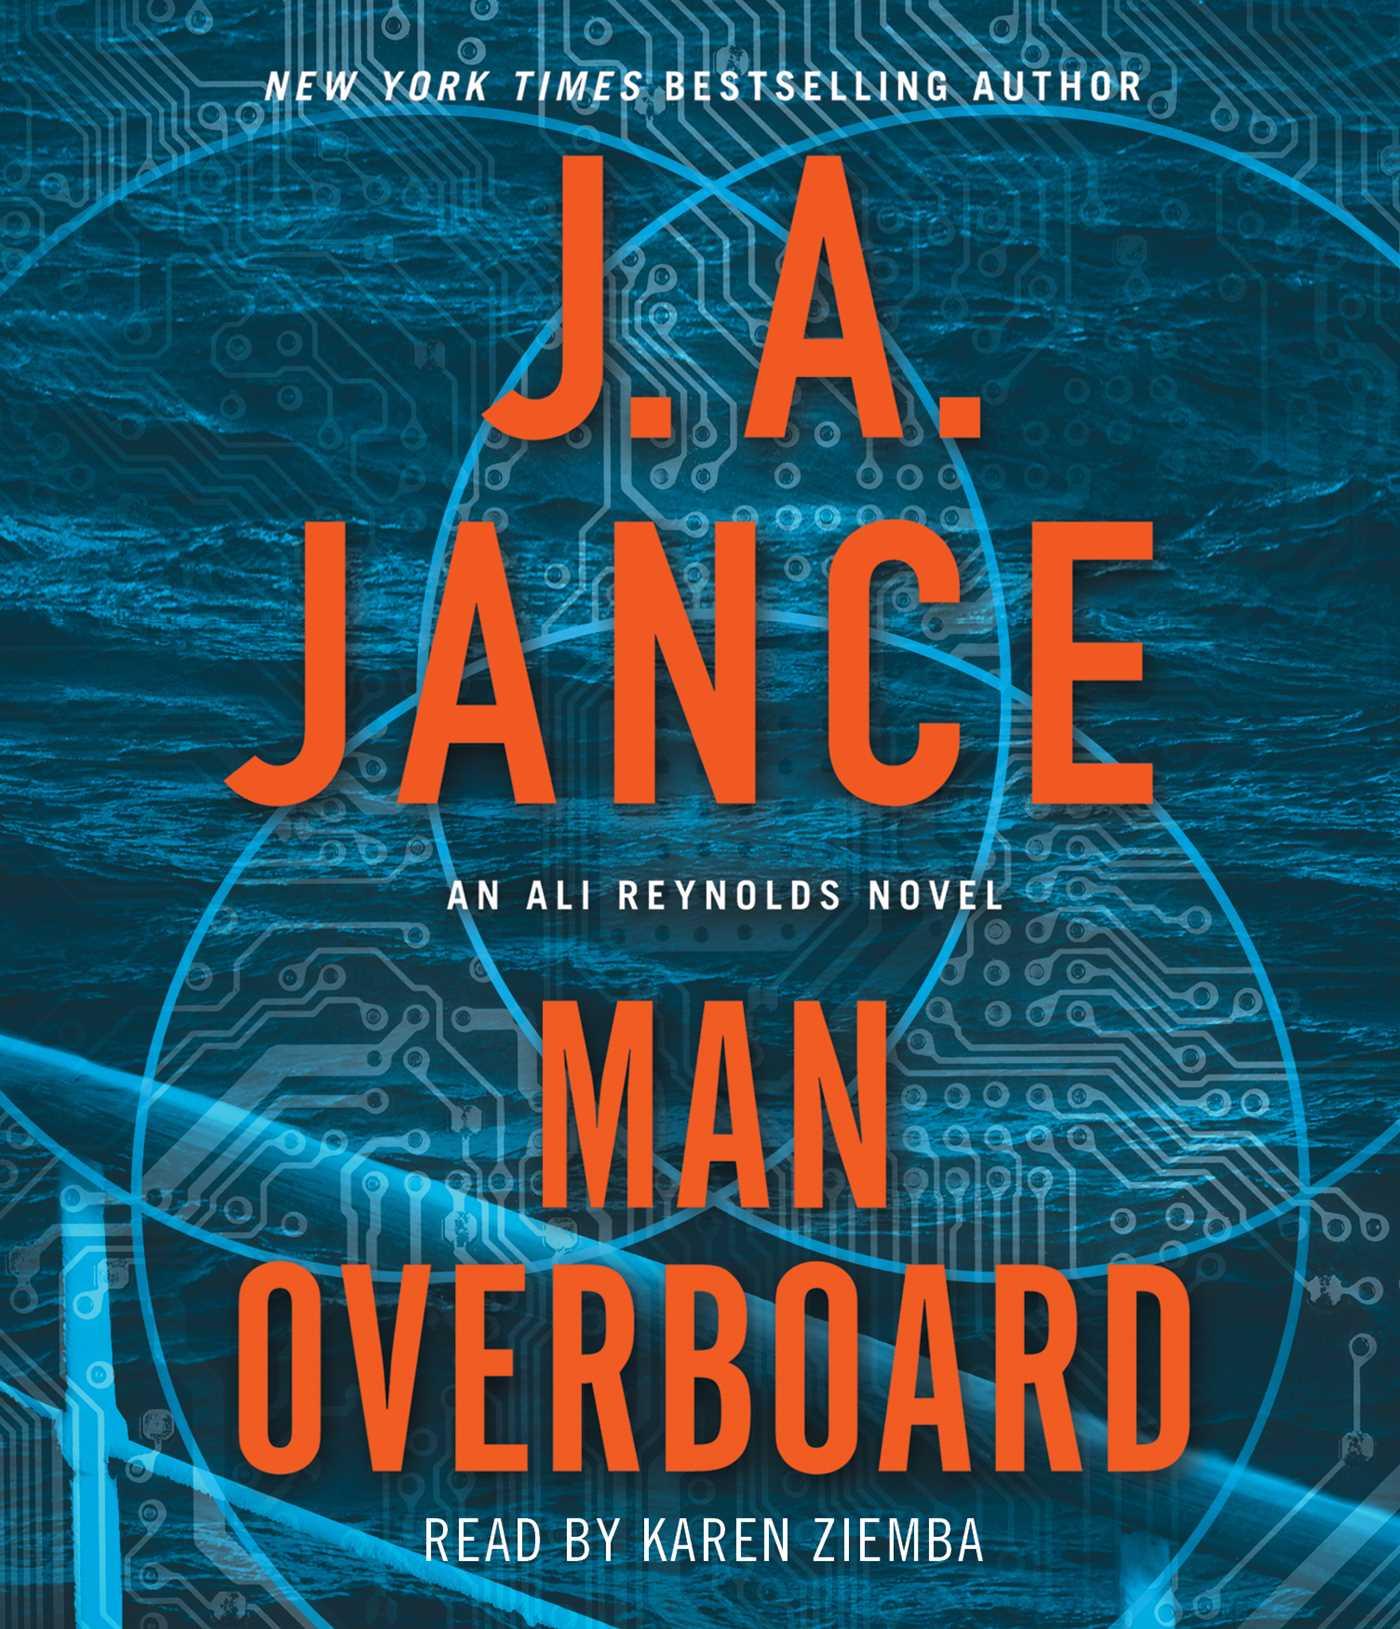 Man overboard 9781508227489 hr